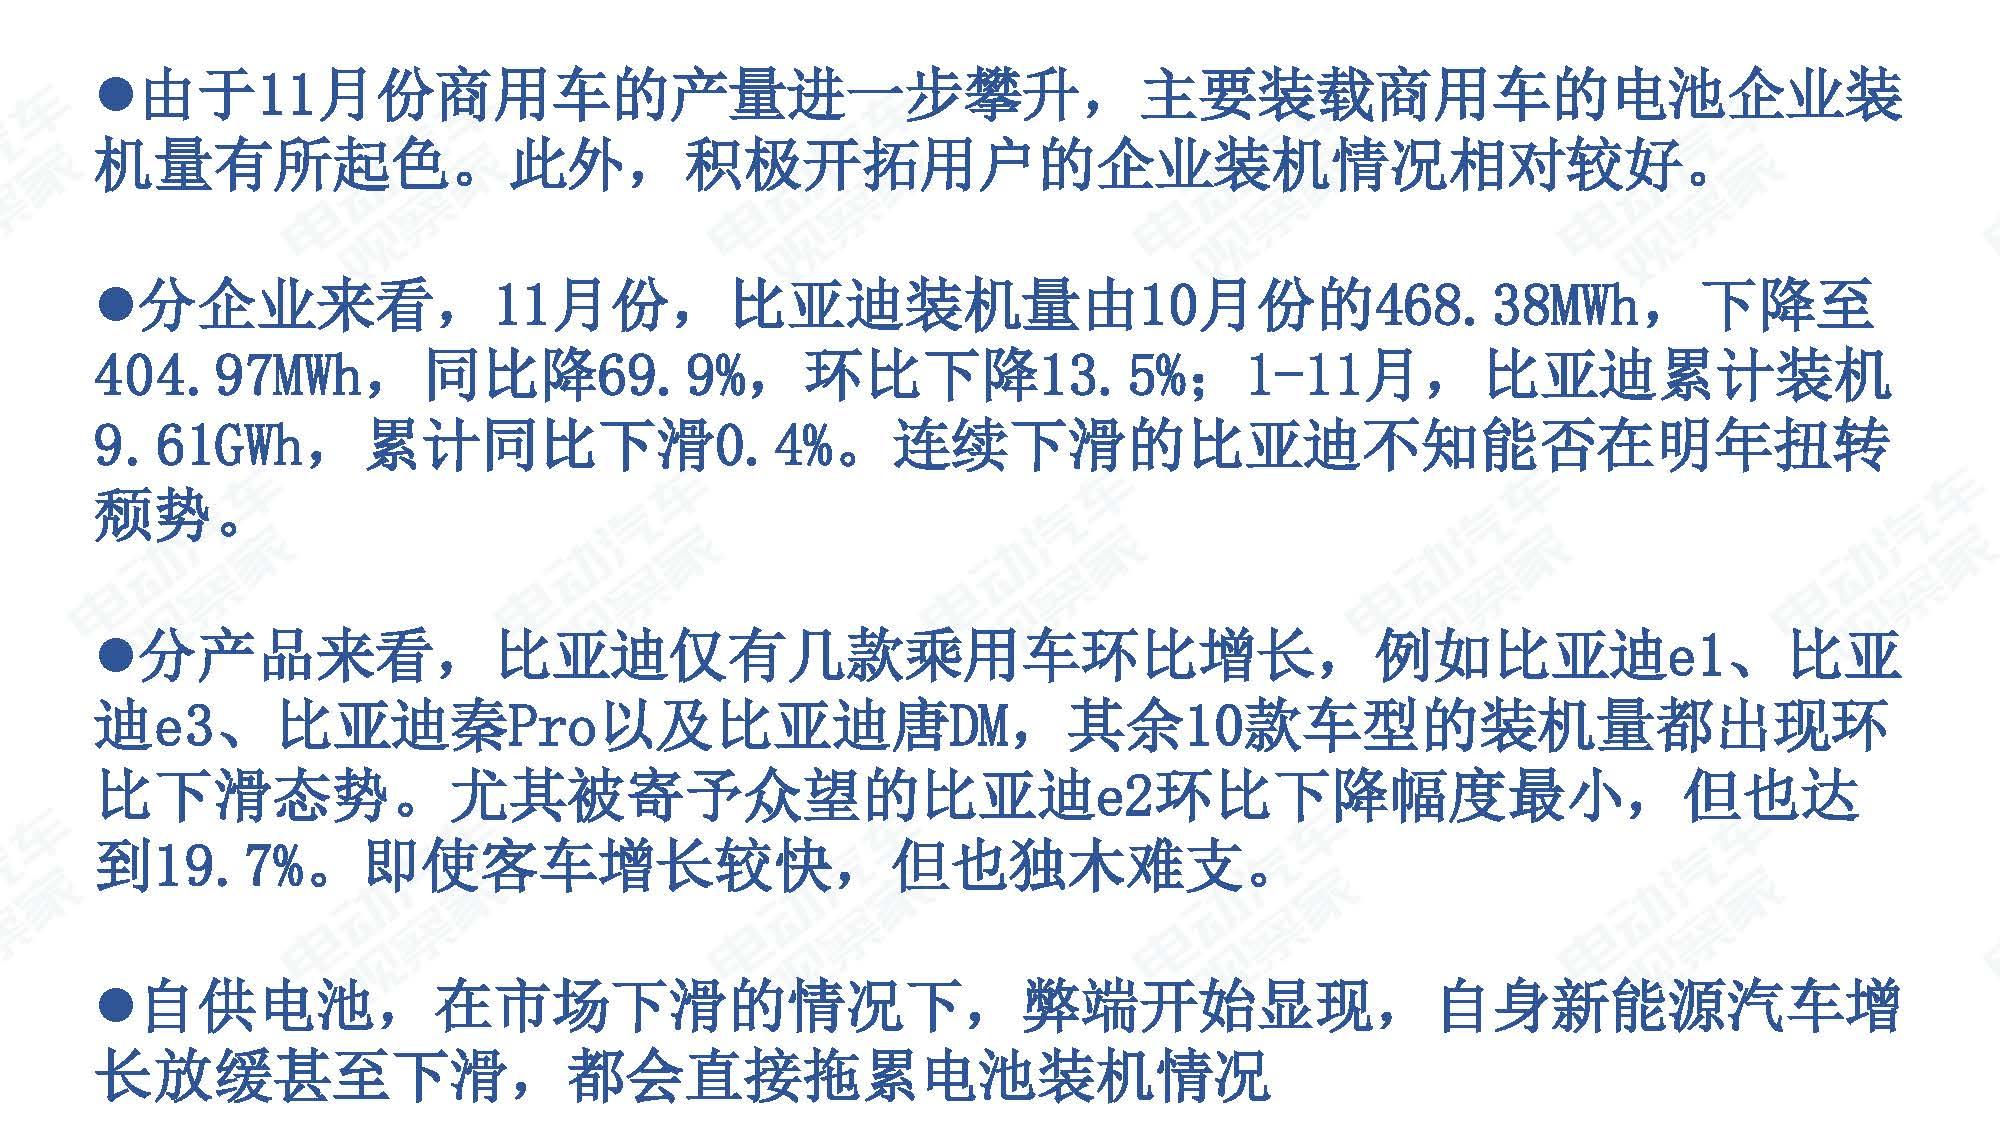 2019年11月中国新能源汽车产业观察_页面_075